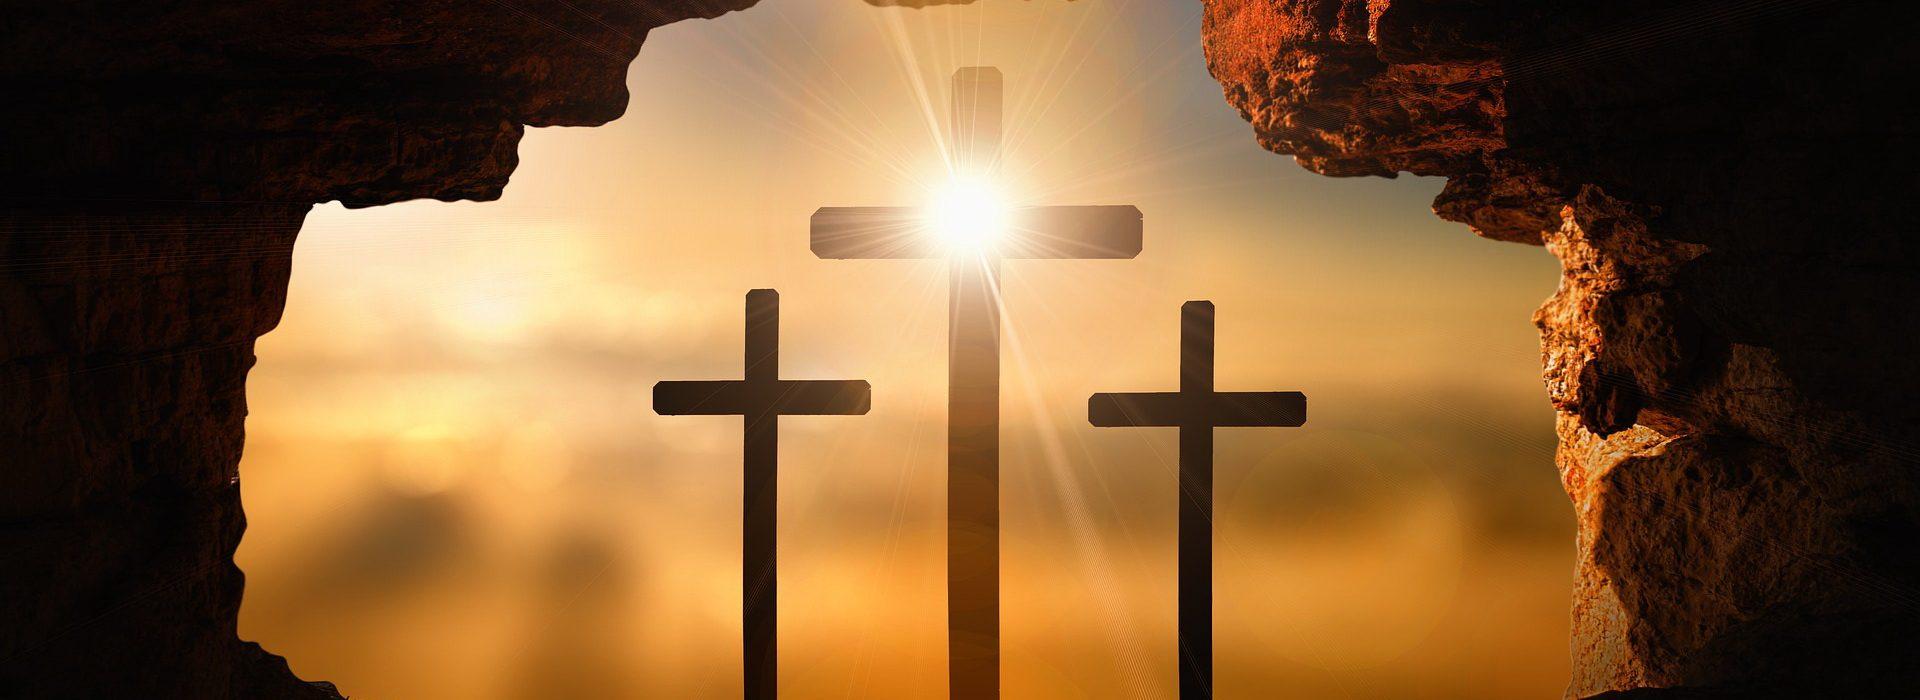 risen with Christ, Christ sitteth